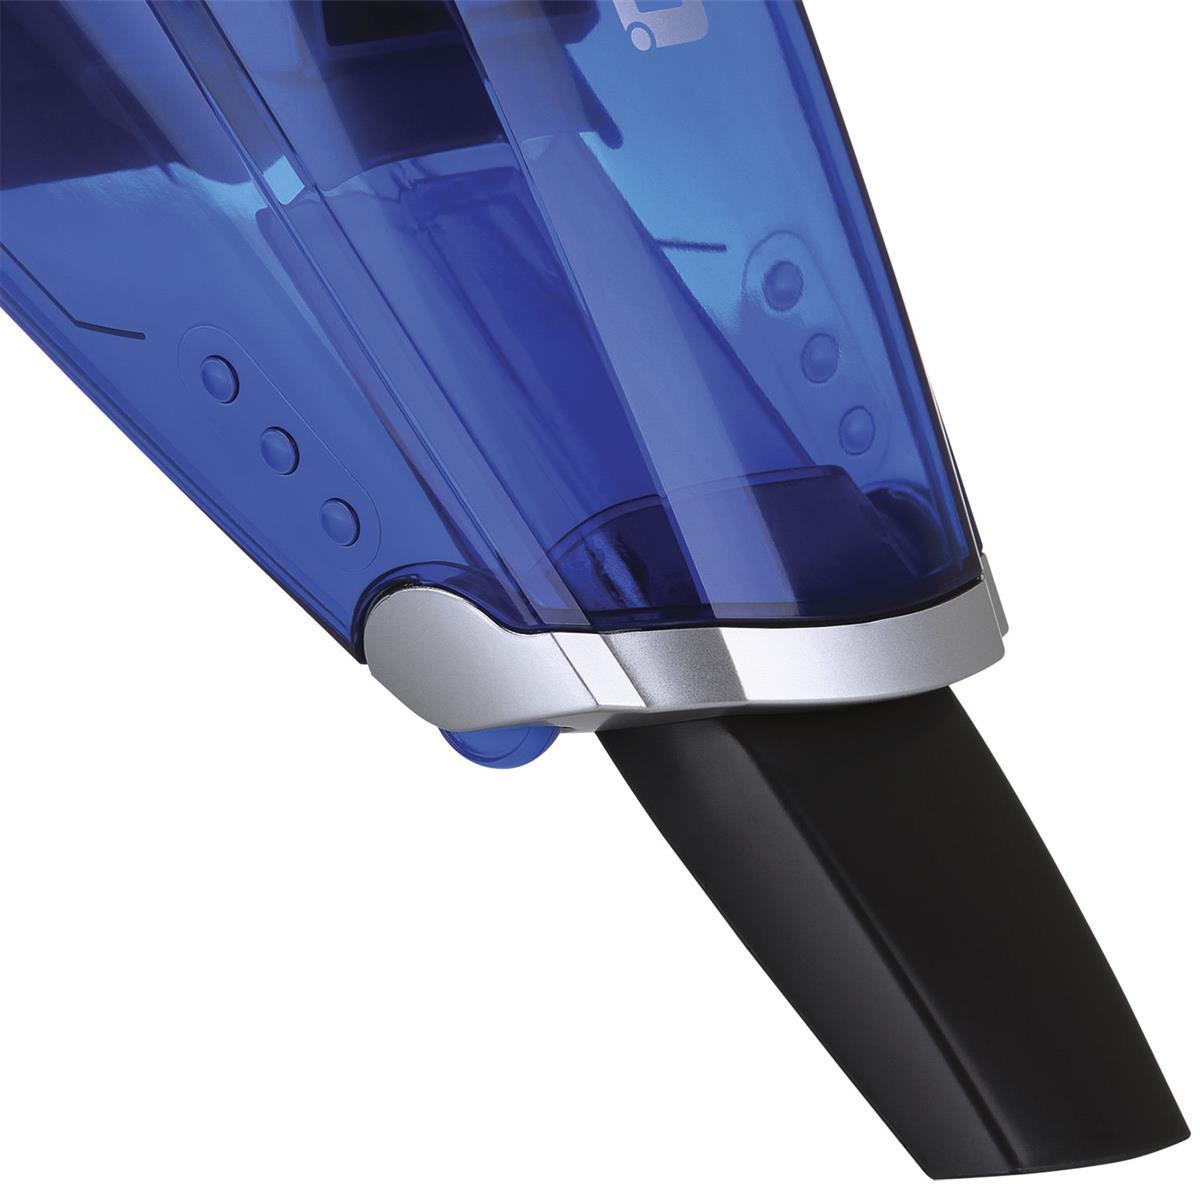 Aspirador Água e Pó Portátil 4.8v Rapido - Electrolux